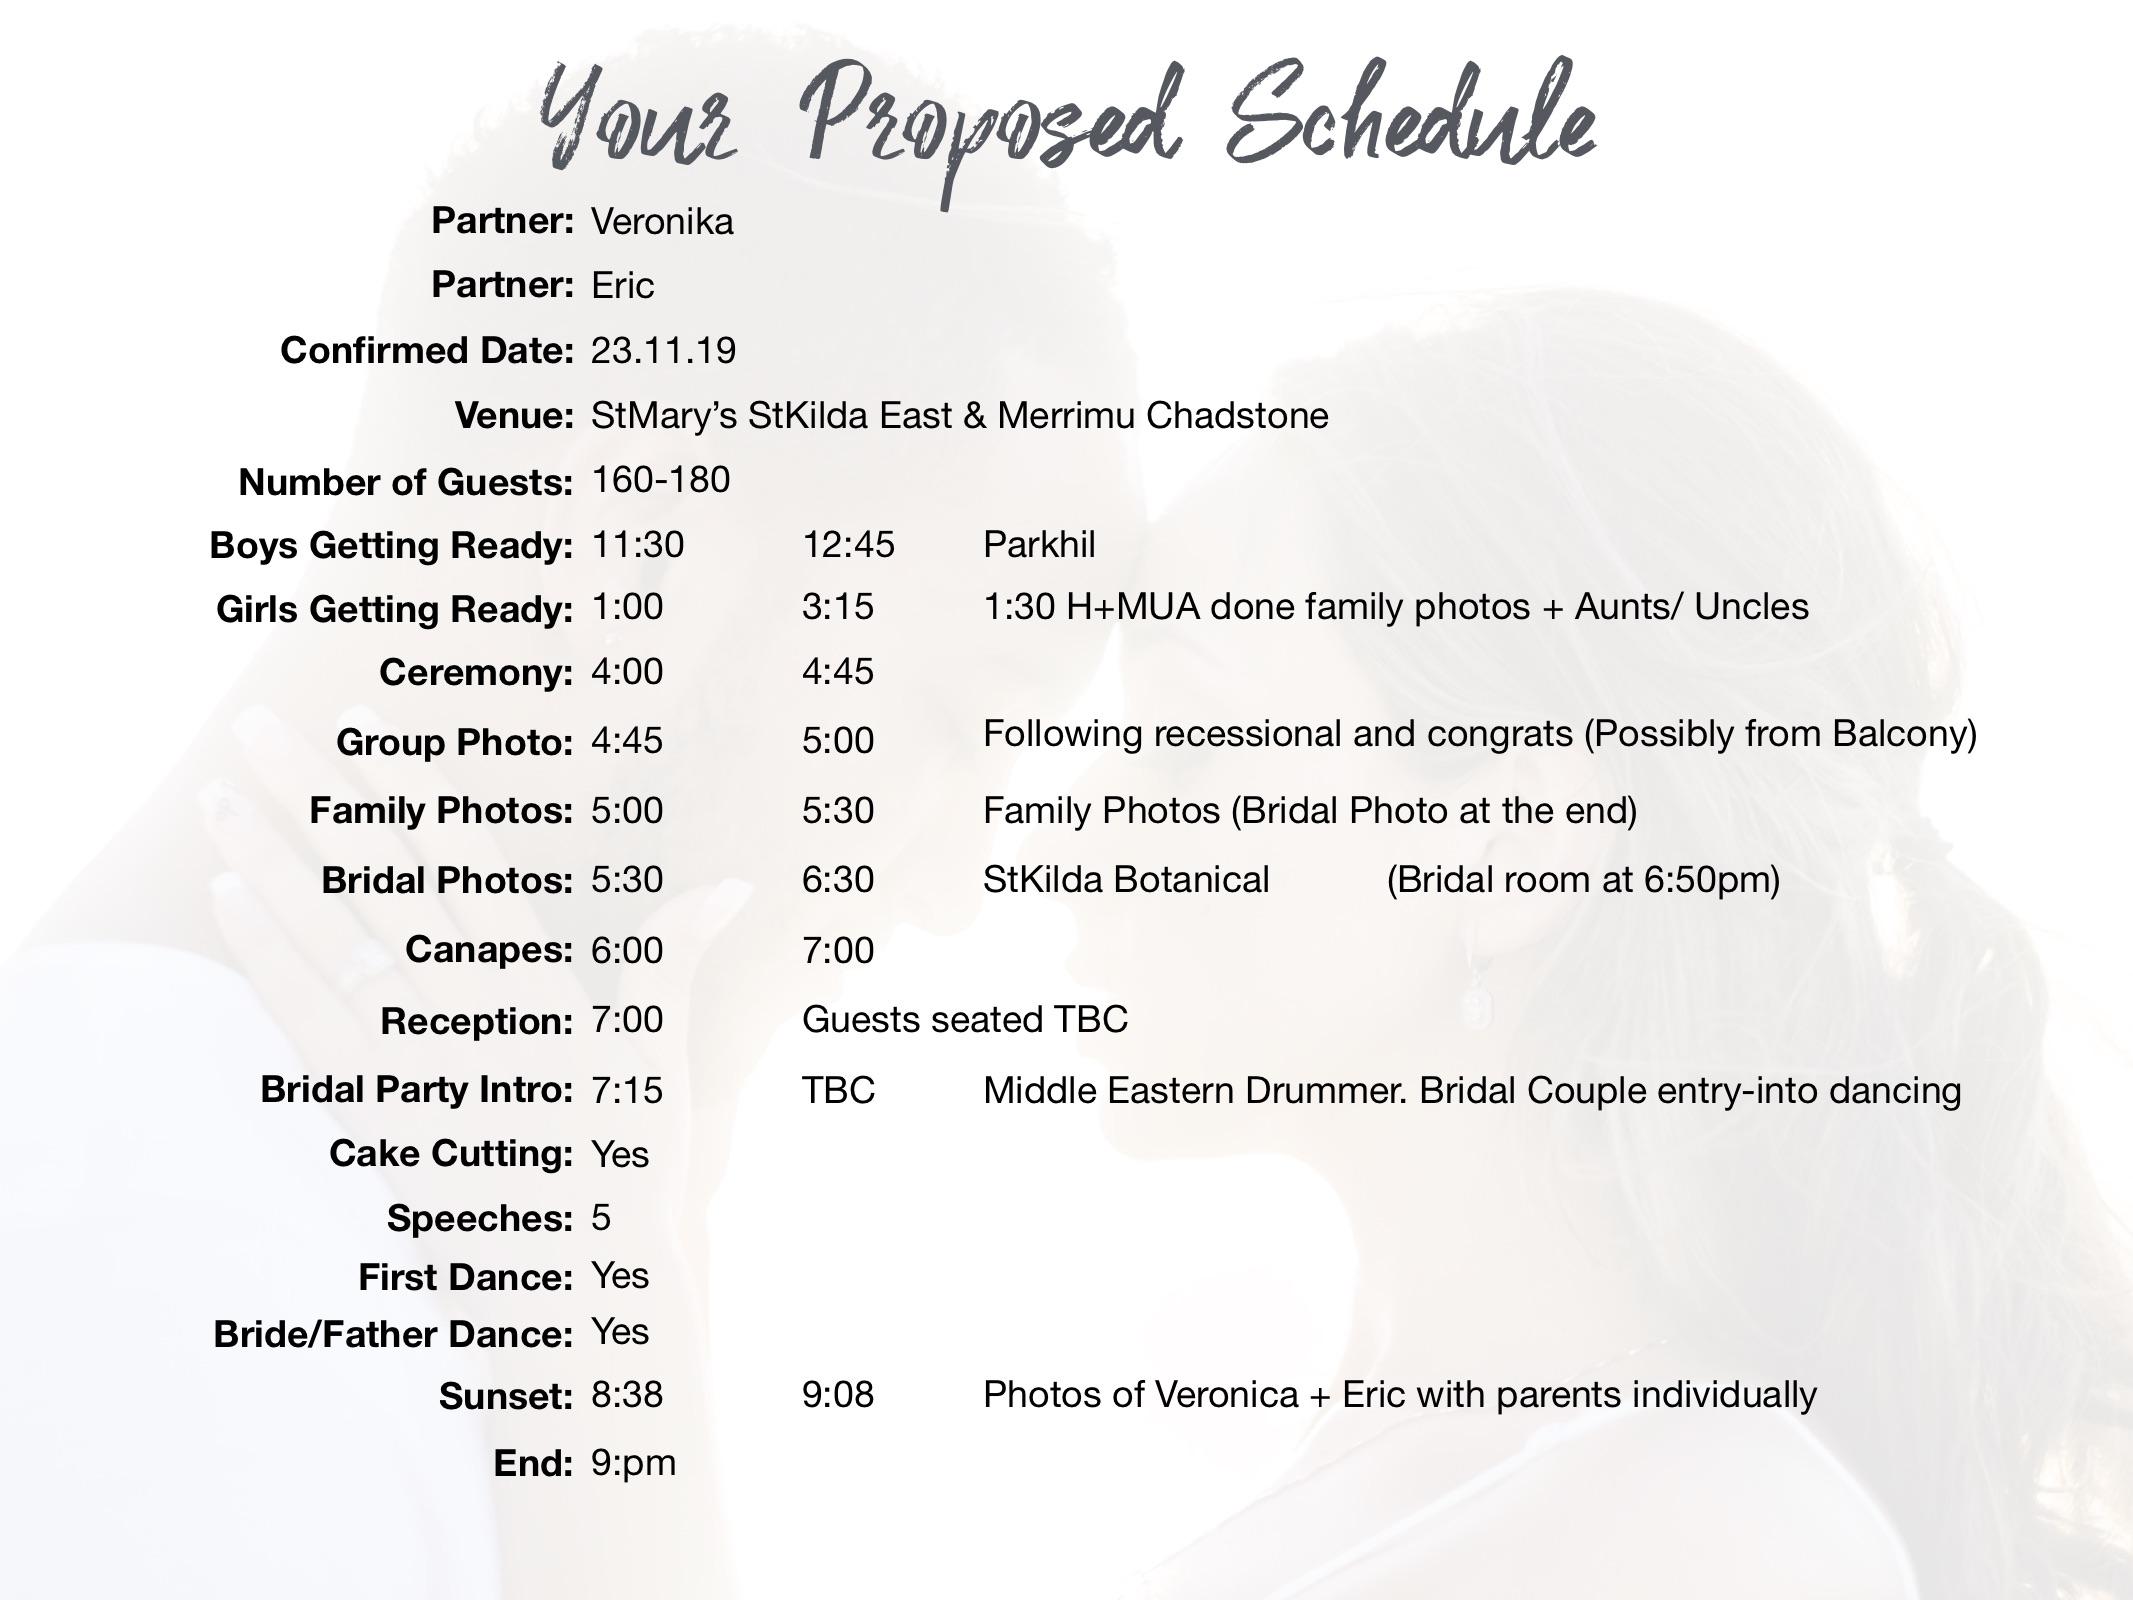 Veronkia+Eric-23.11.19-Schedule.jpg